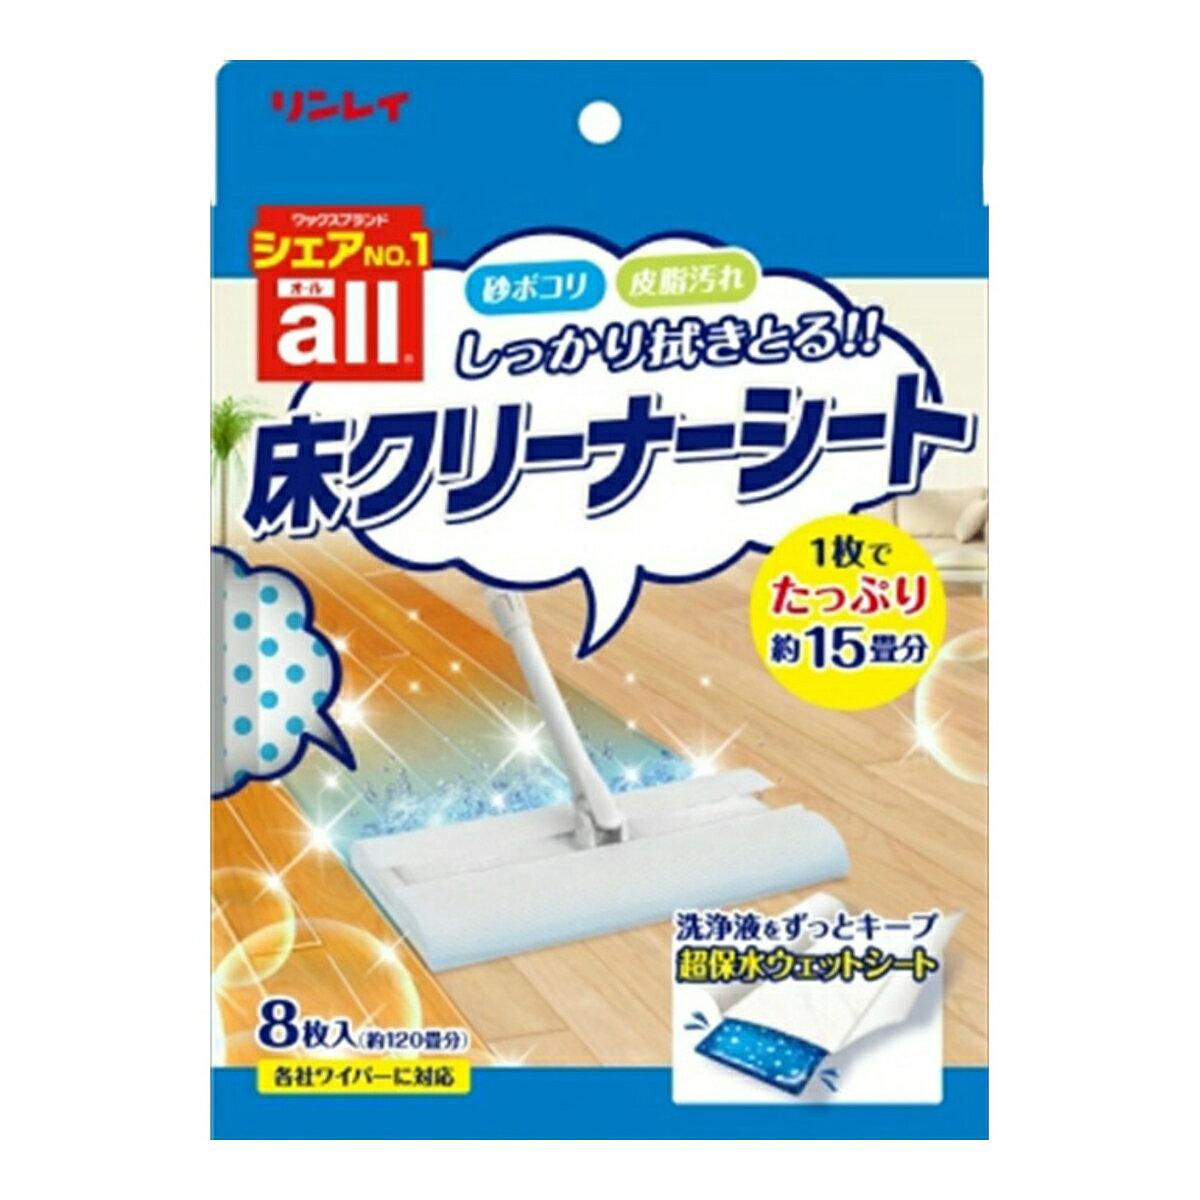 【リンレイ】オール床クリーナーシート 8枚入り ( ワックスがけ前の掃除に ) ( 4903339980677 )